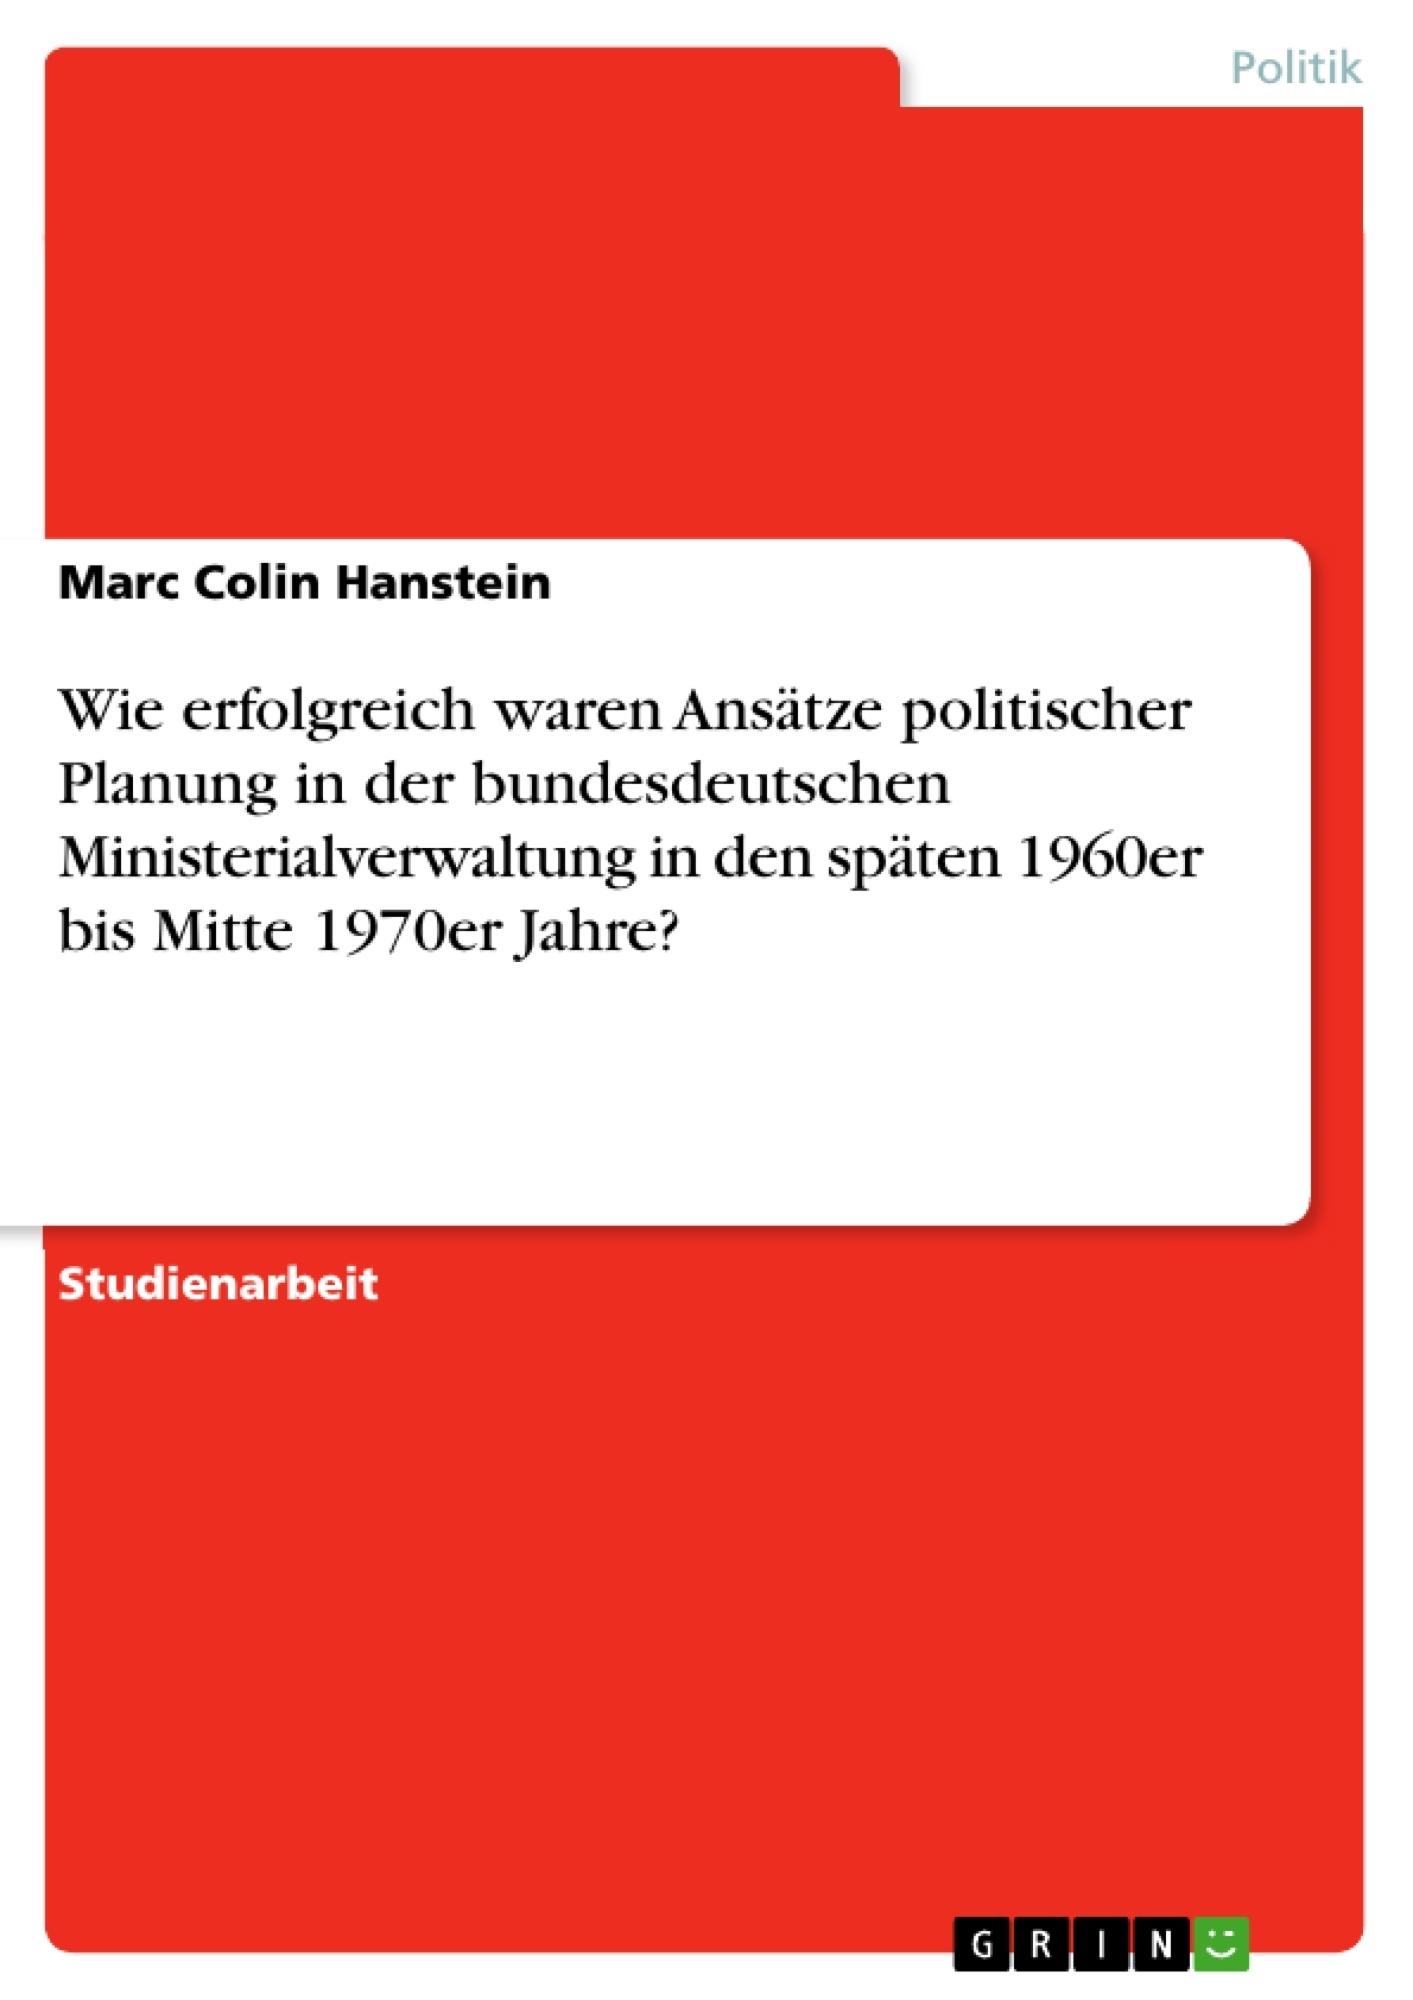 Titel: Wie erfolgreich waren Ansätze politischer Planung in der bundesdeutschen Ministerialverwaltung in den späten 1960er bis Mitte 1970er Jahre?